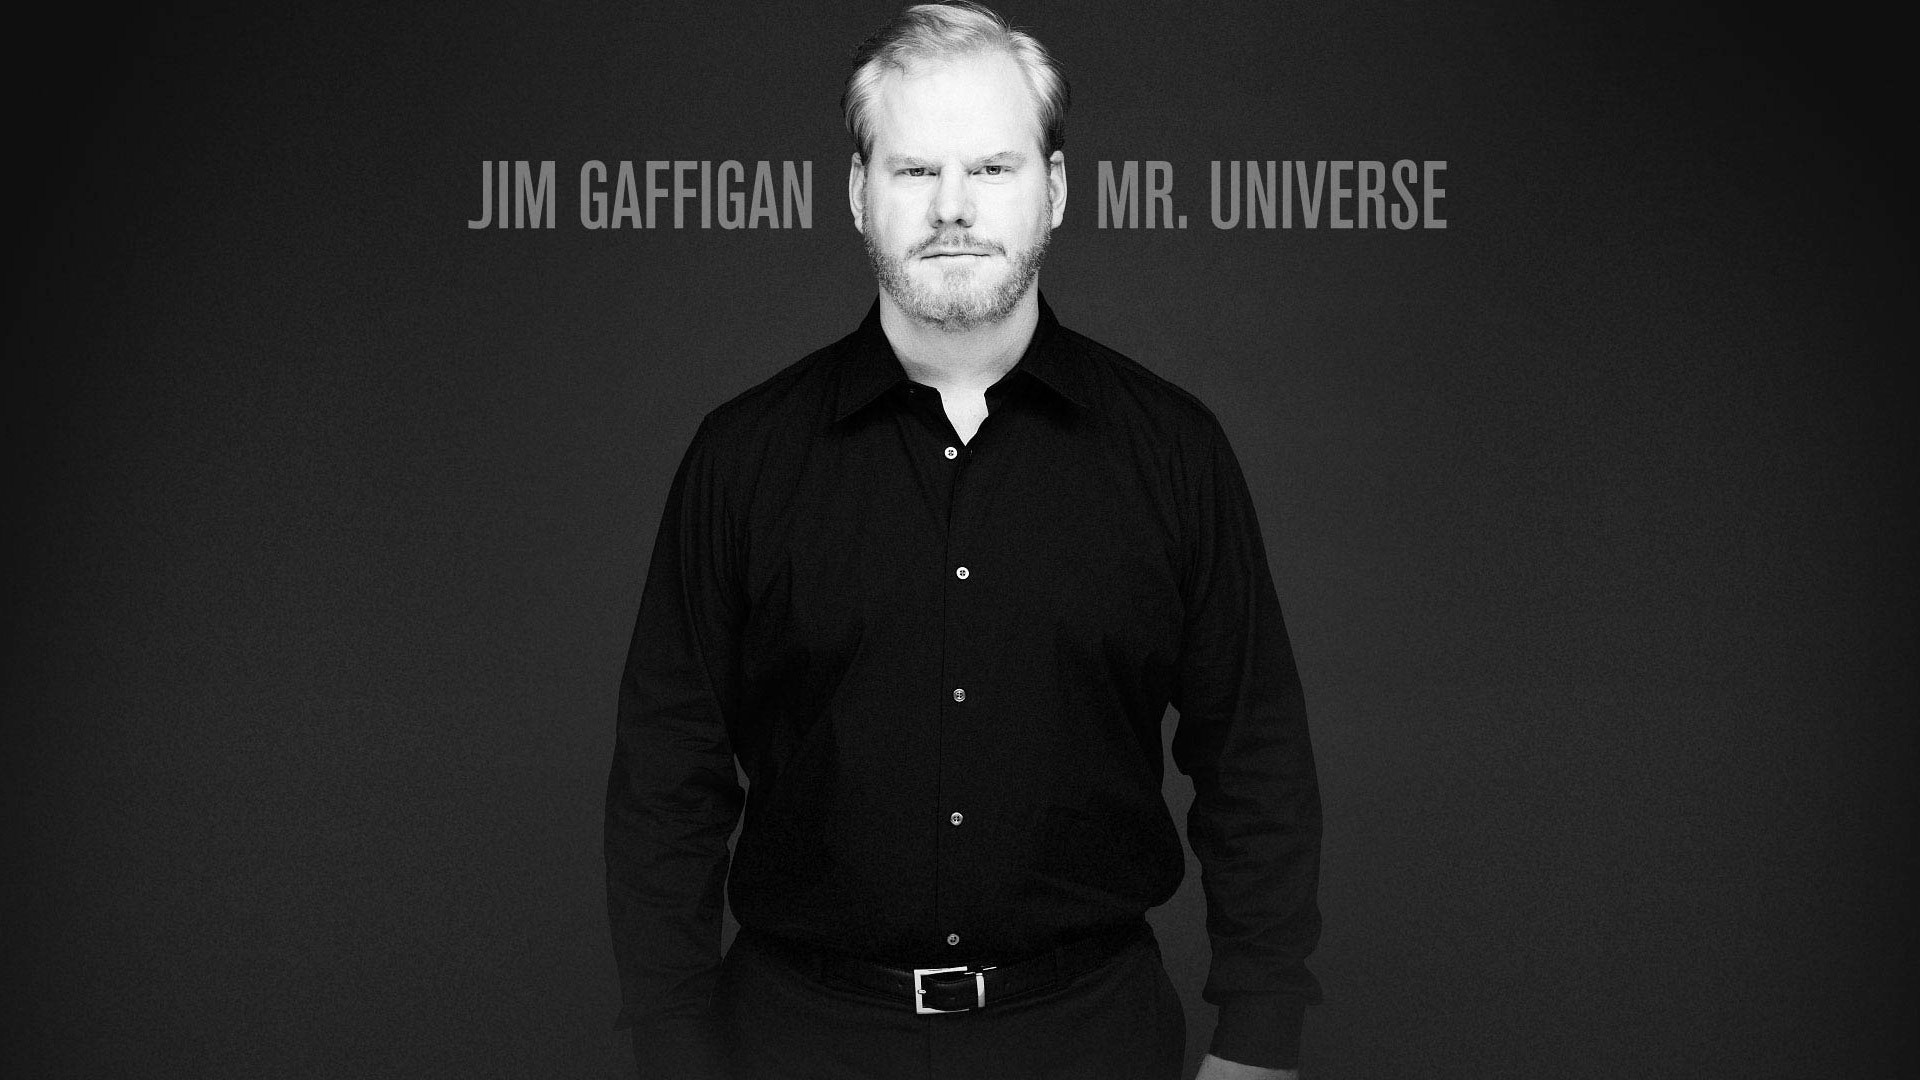 Jim Gaffigan Widescreen for desktop